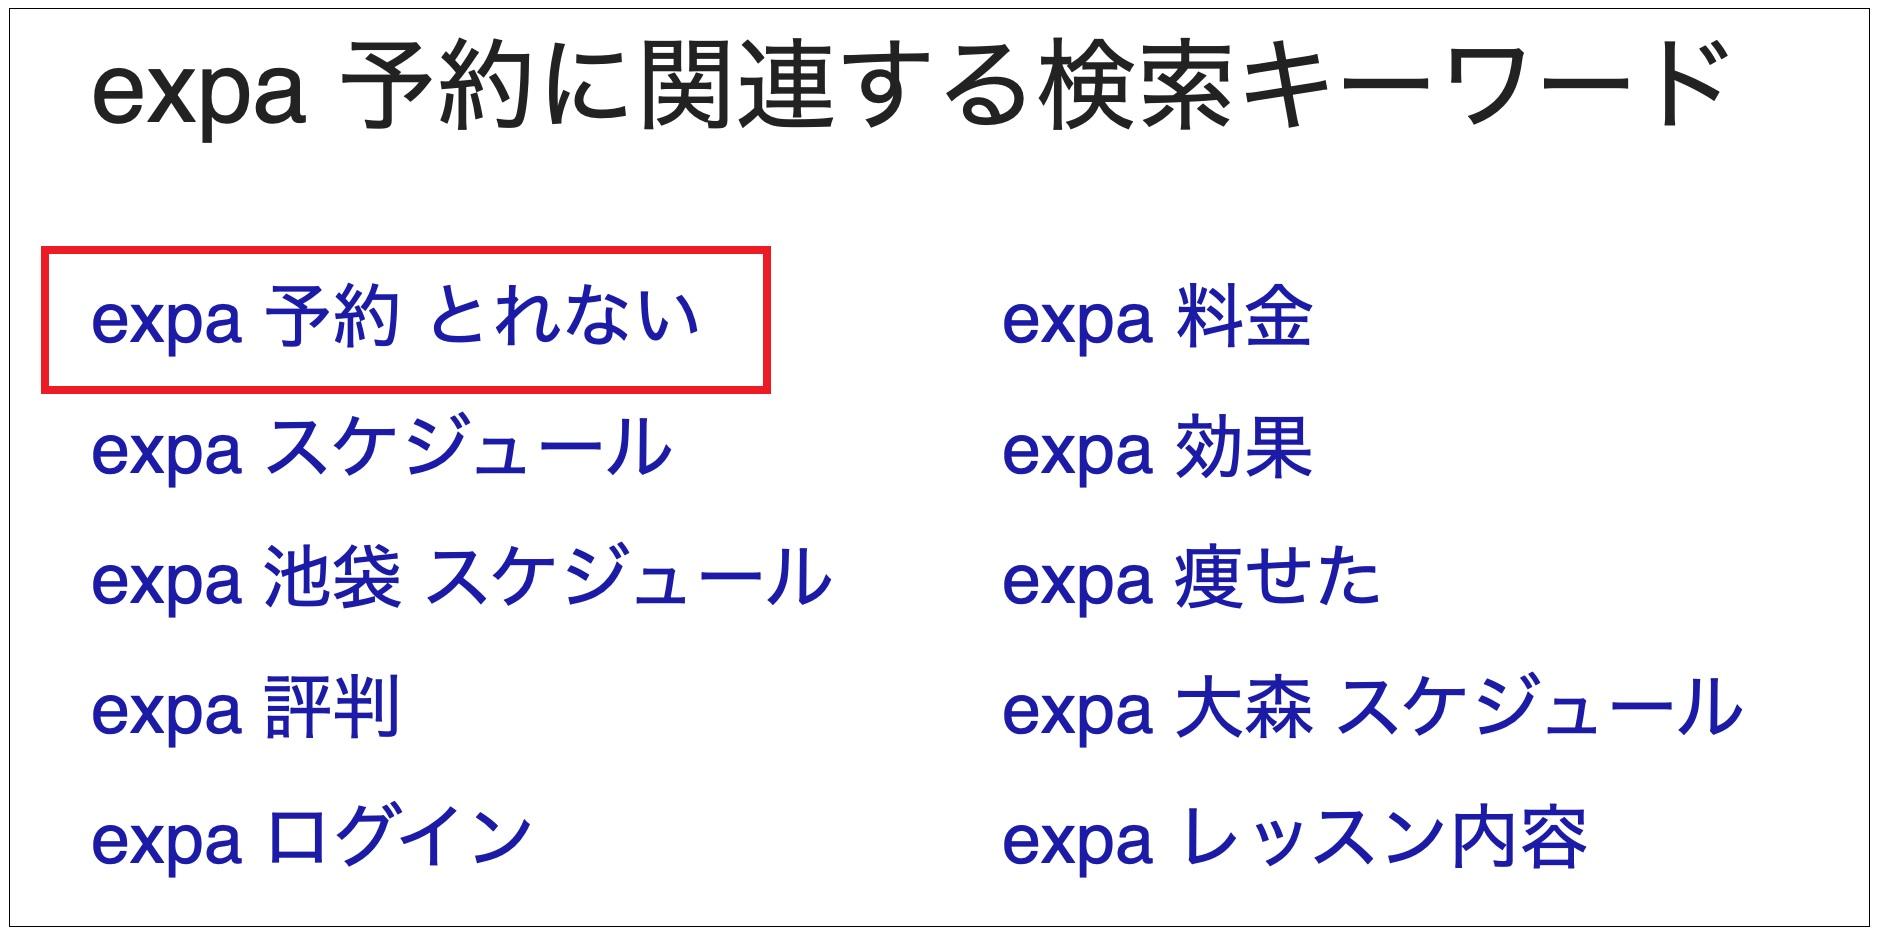 expa 検索